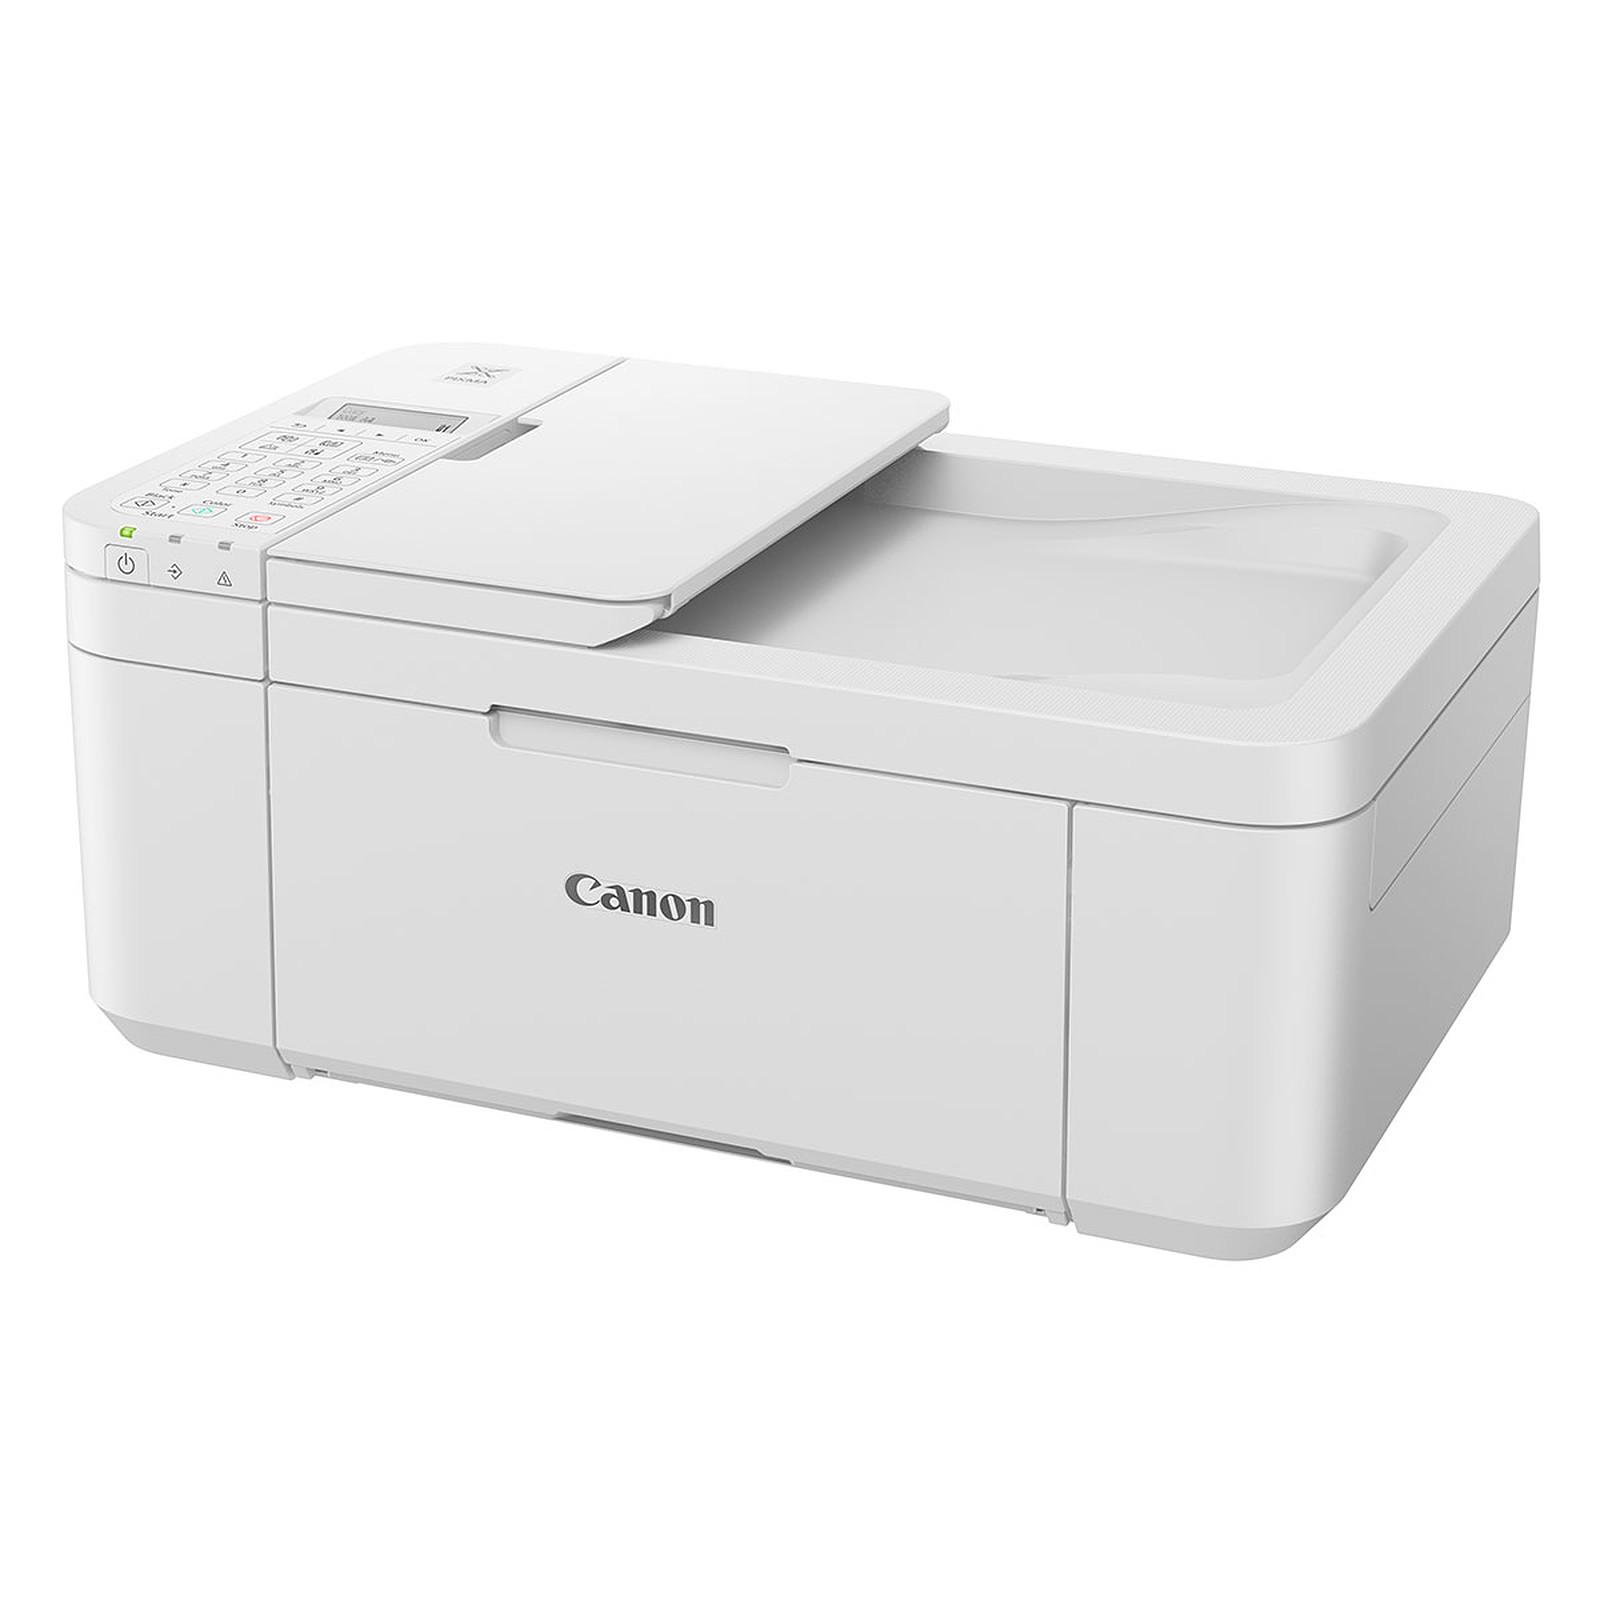 PIXMA TR4551 White # (2984C029 --) - Achat / Vente Imprimante multifonction sur Picata.fr - 4